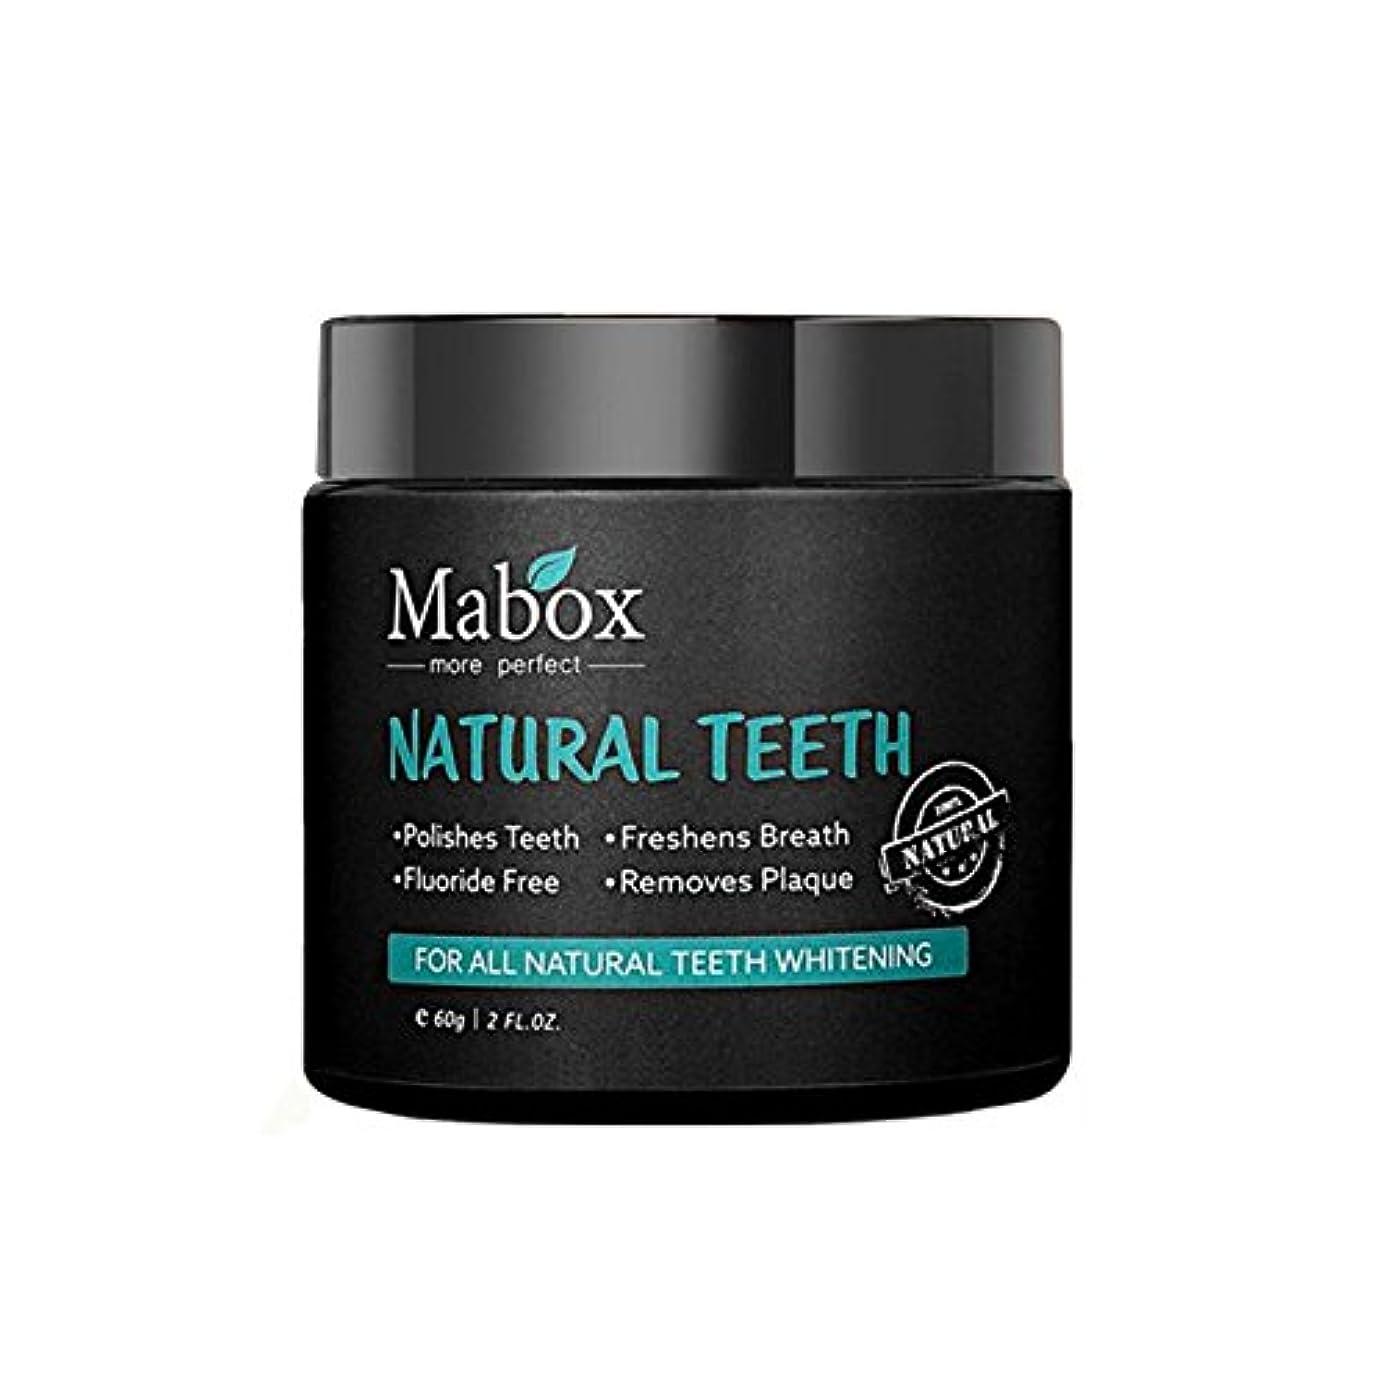 凍ったで出来ている東方TerGOOSE 歯磨きパウダー 歯磨き粉 ホワイトニング 歯周病 活性炭 竹炭 美白 黄ばみ 口臭 虫歯予防 歯周病予防